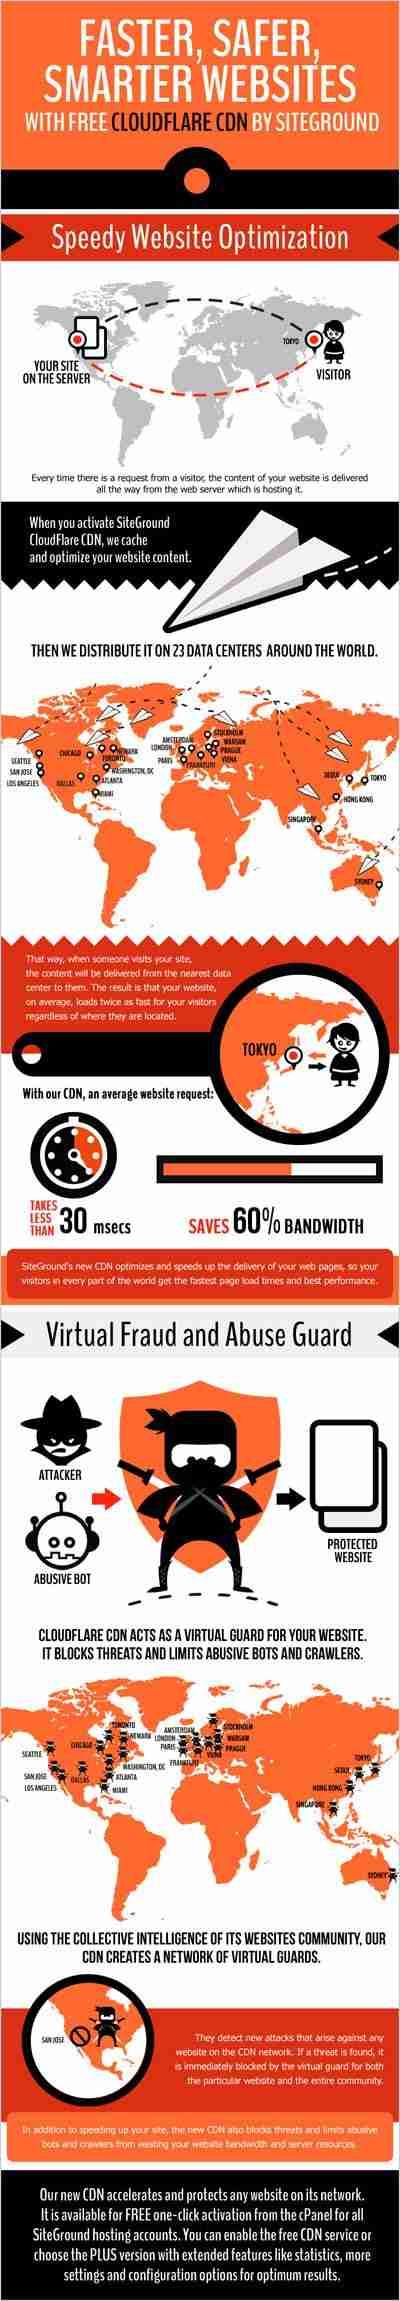 infographic_fastersafersmartercdn